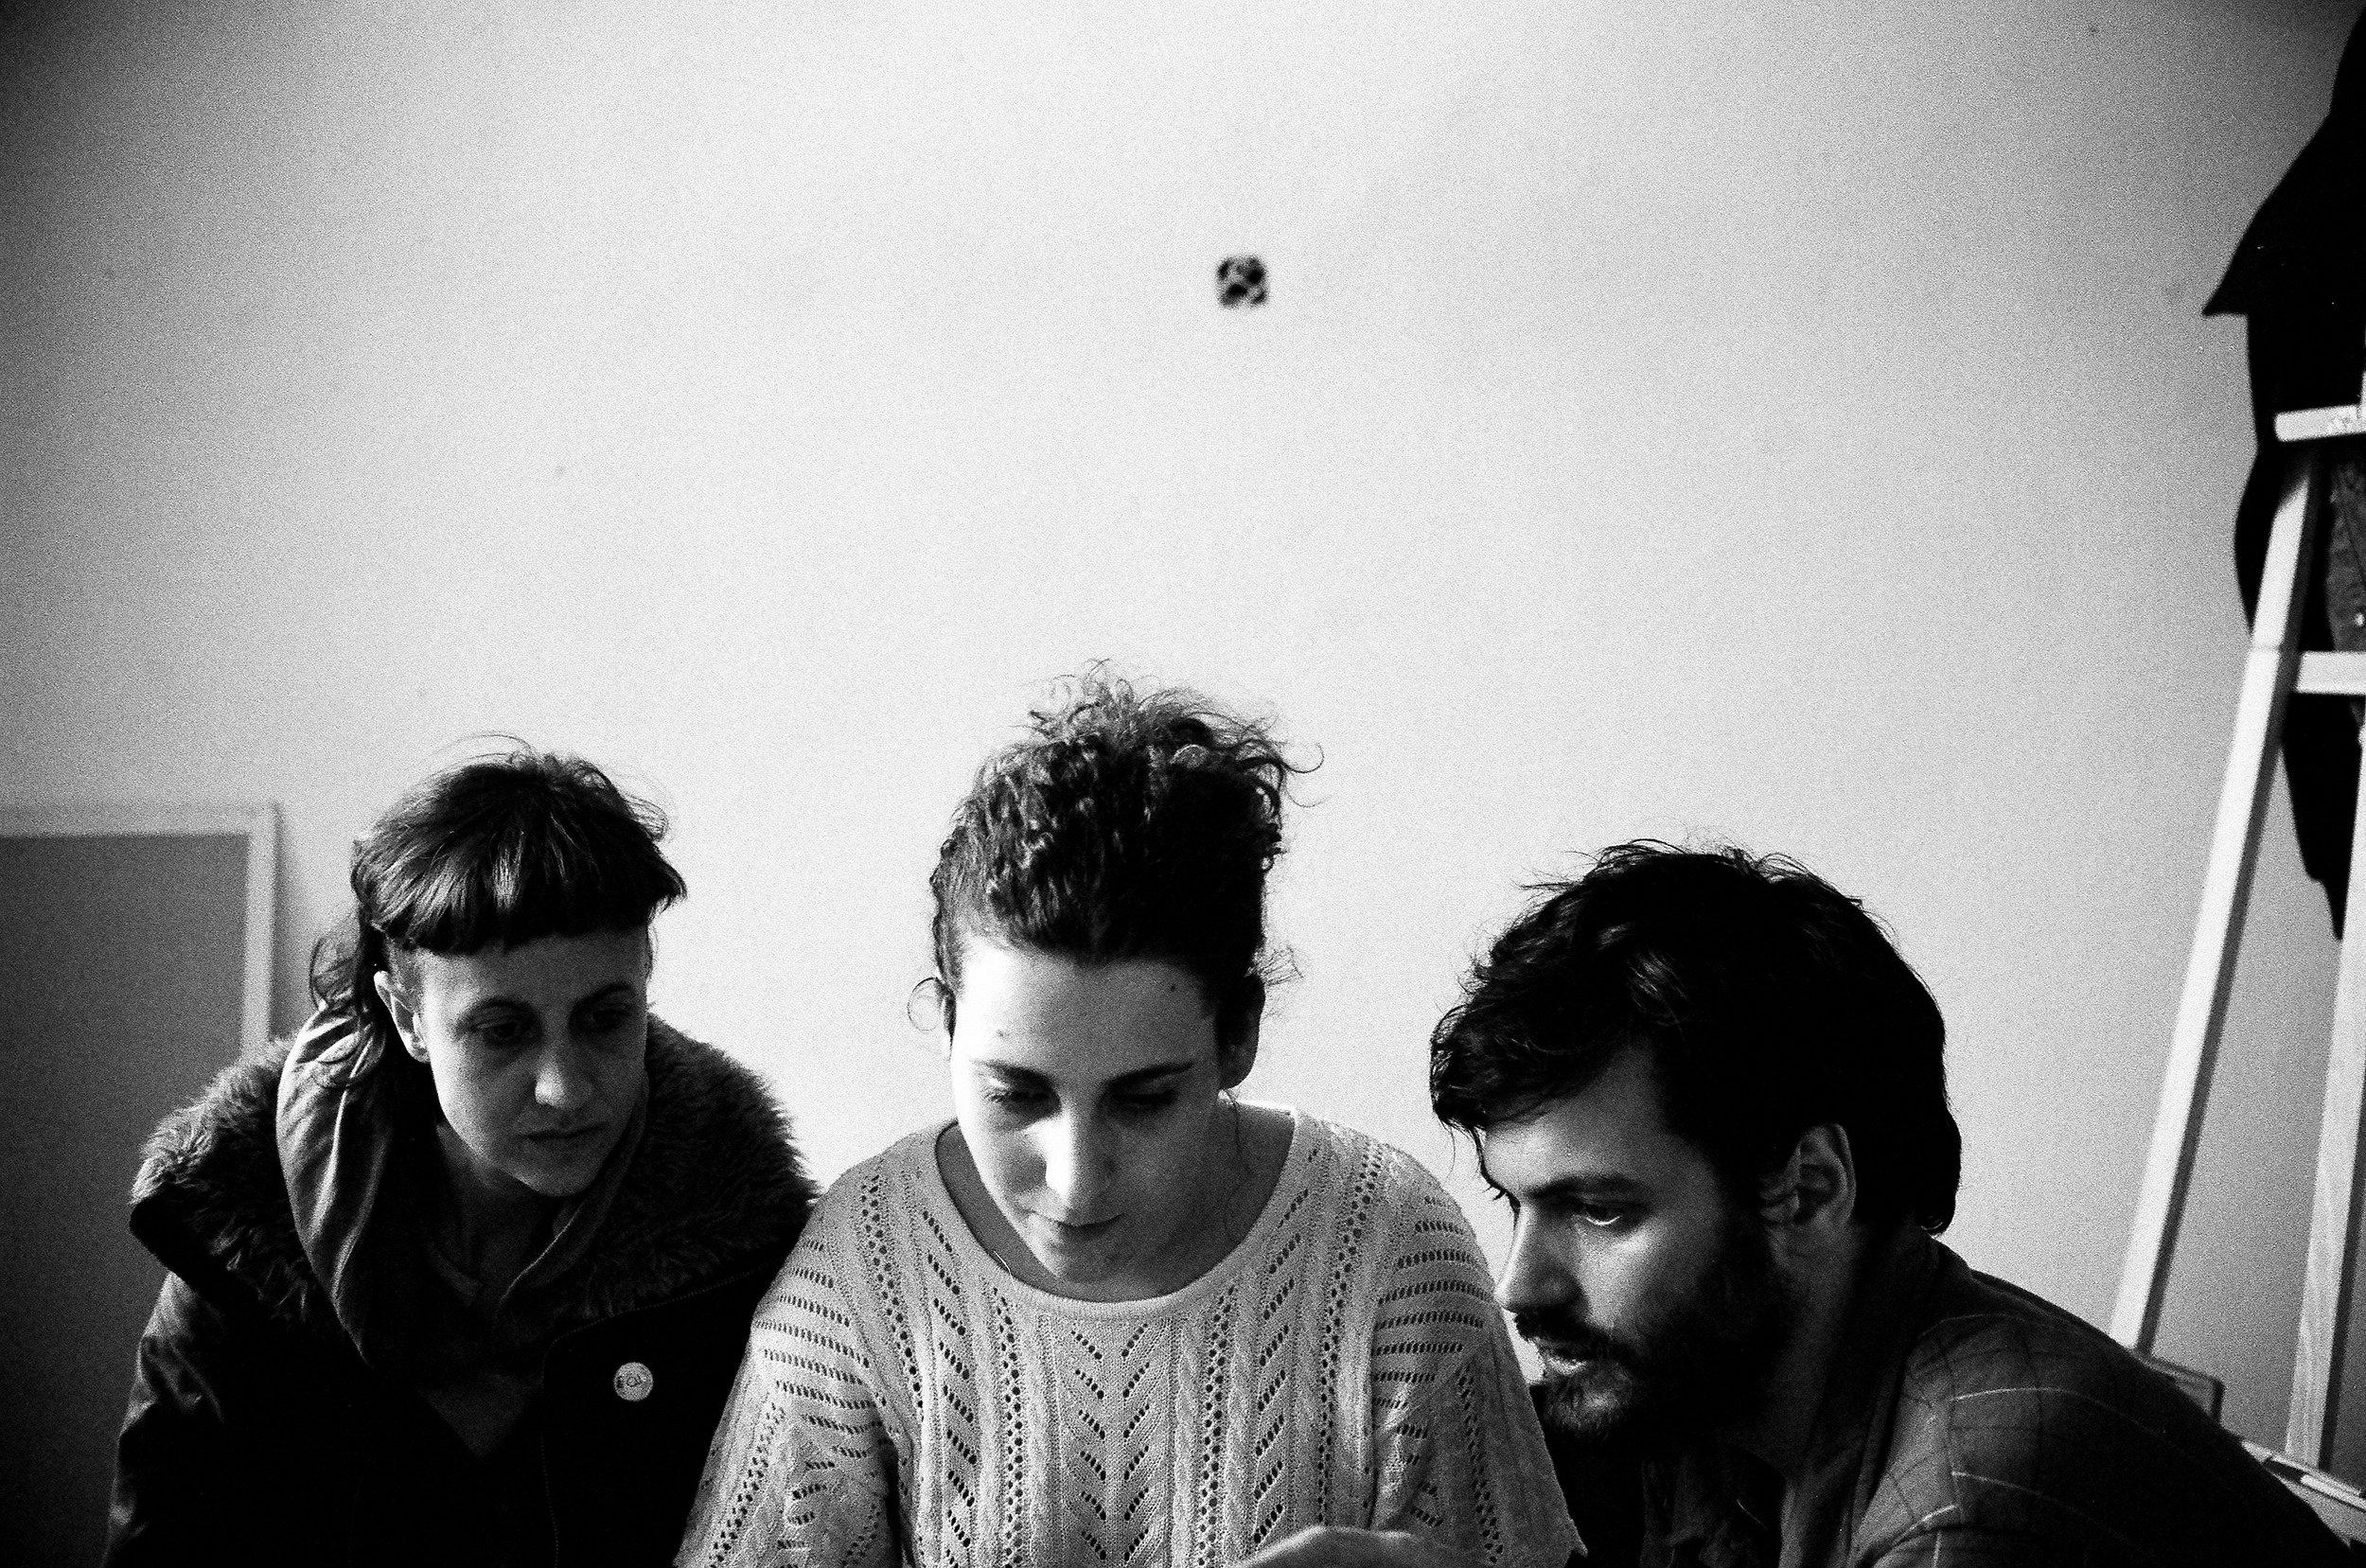 Ceci, Iara y Gaspar en pleno montaje. Foto por Lula Bauer